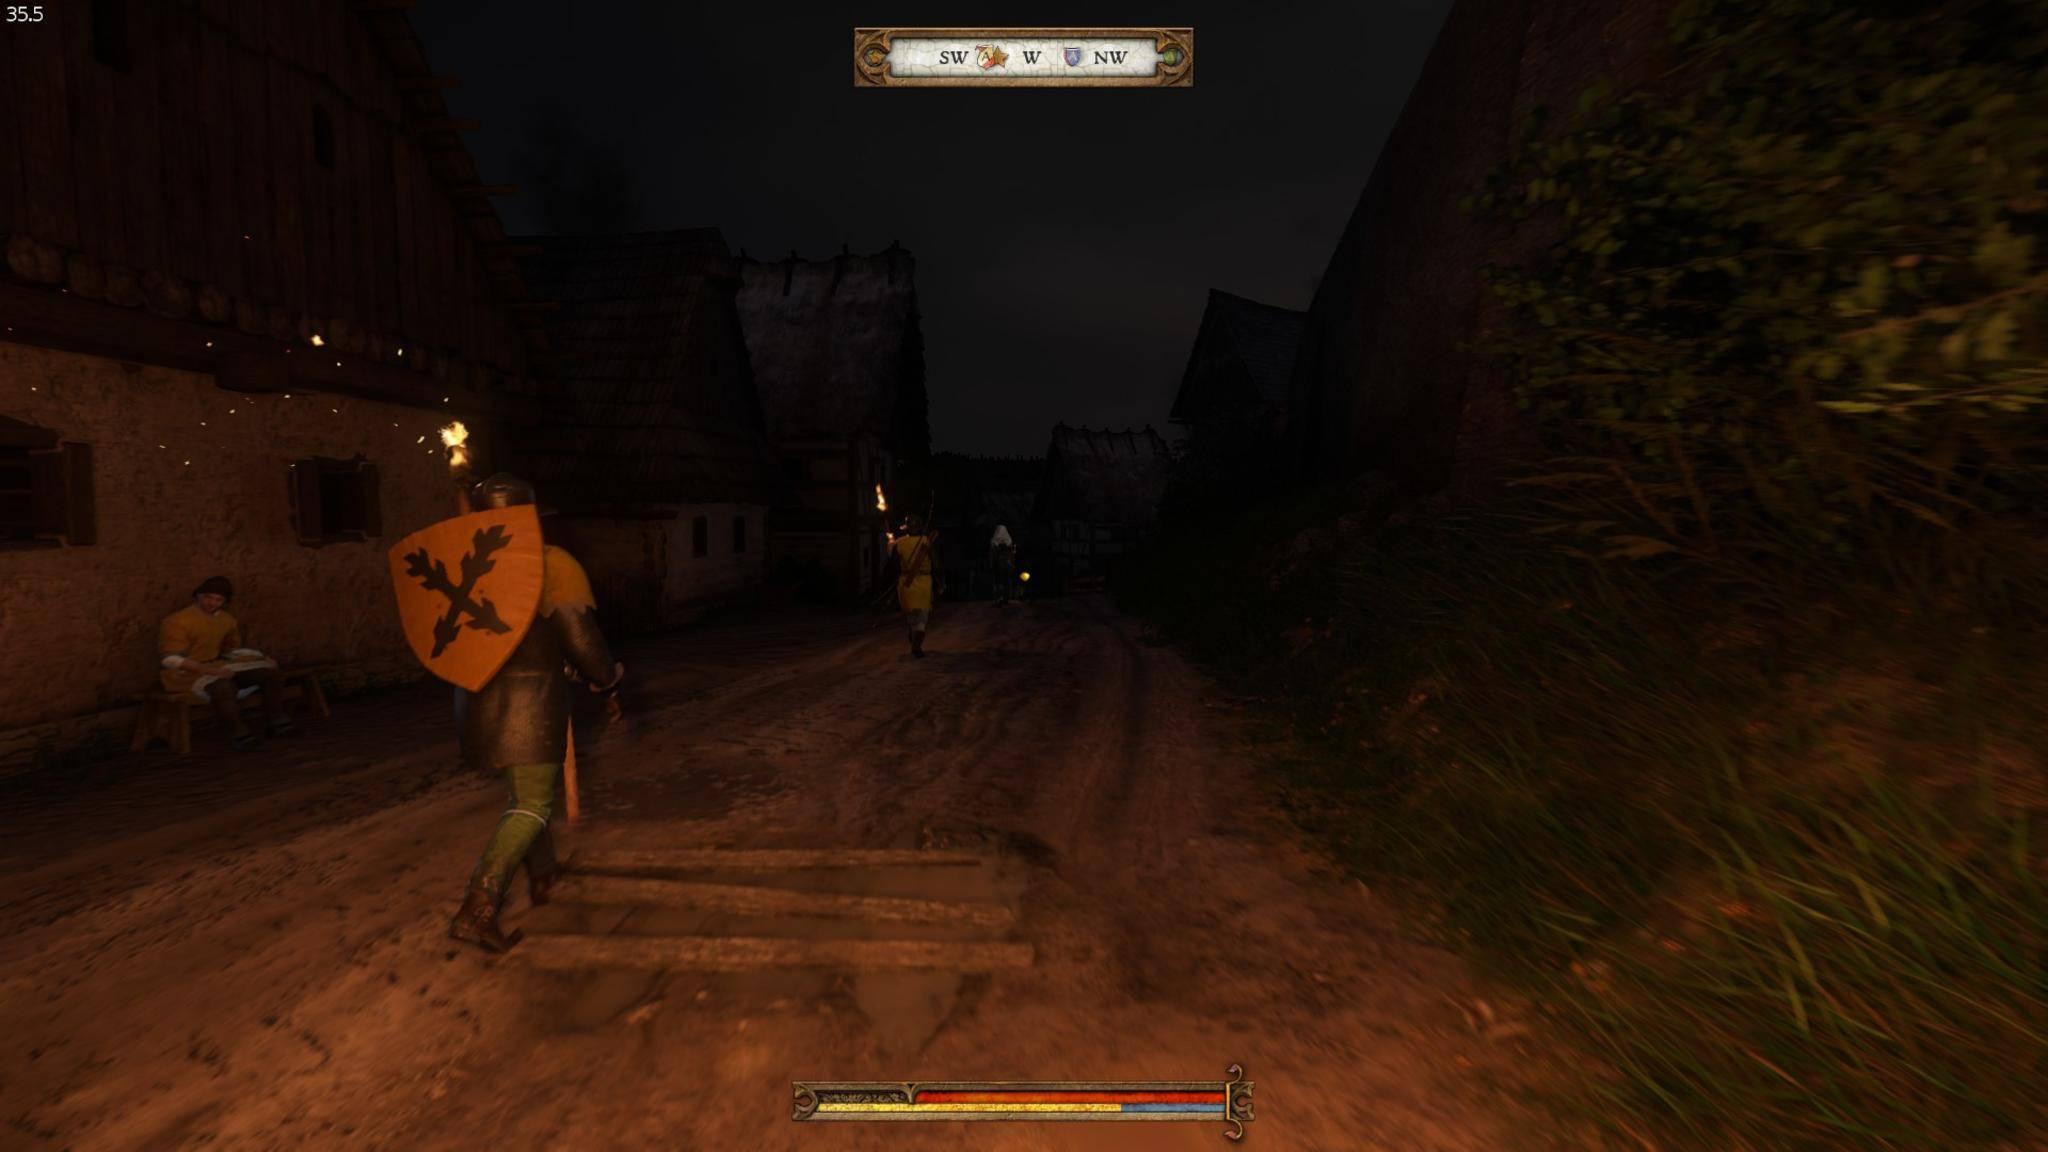 Nachts patrouilliert immerhin die Stadtwache.